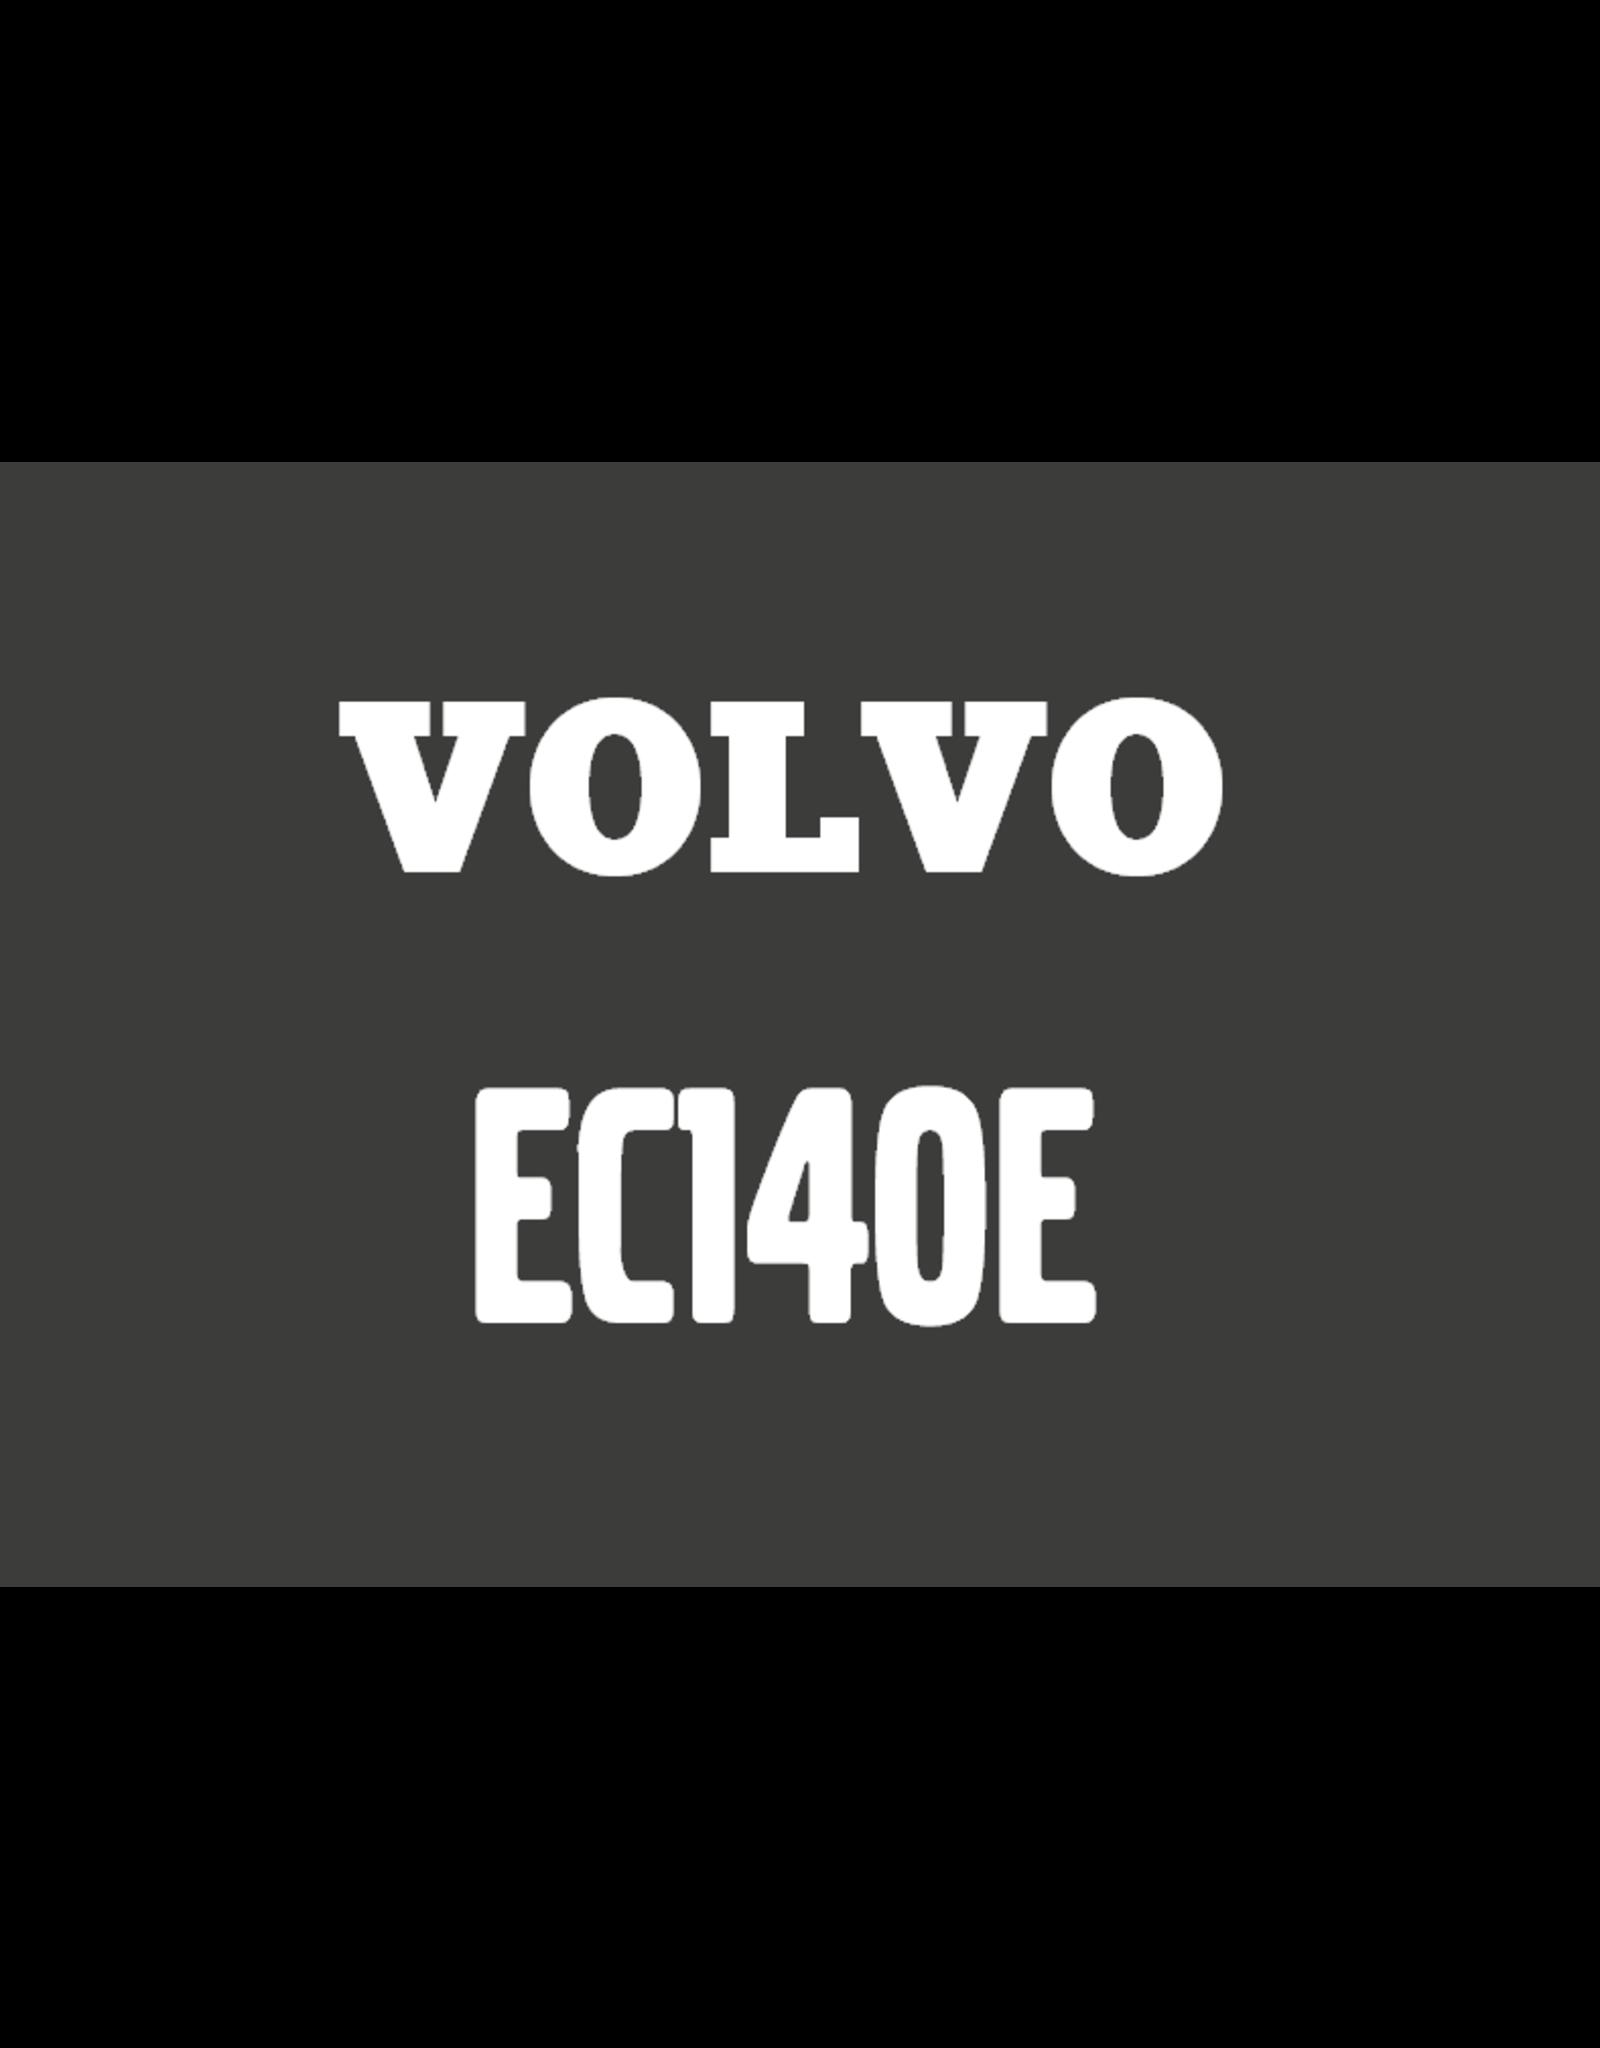 Echle Hartstahl GmbH FOPS pour Volvo EC140E